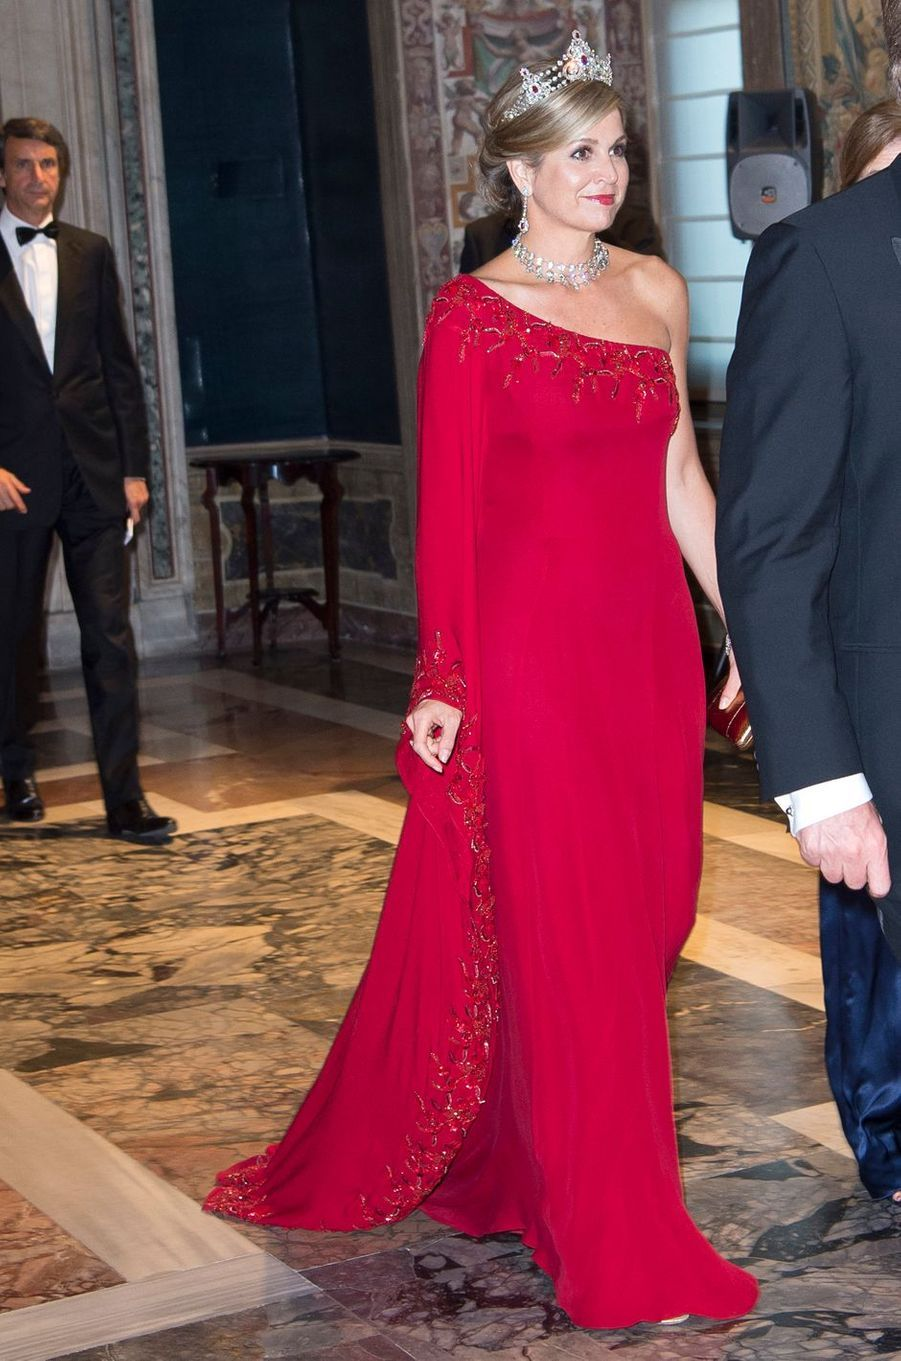 La reine Maxima des Pays-Bas dans une robe Jan Taminiau à Rome, le 20 juin 2017